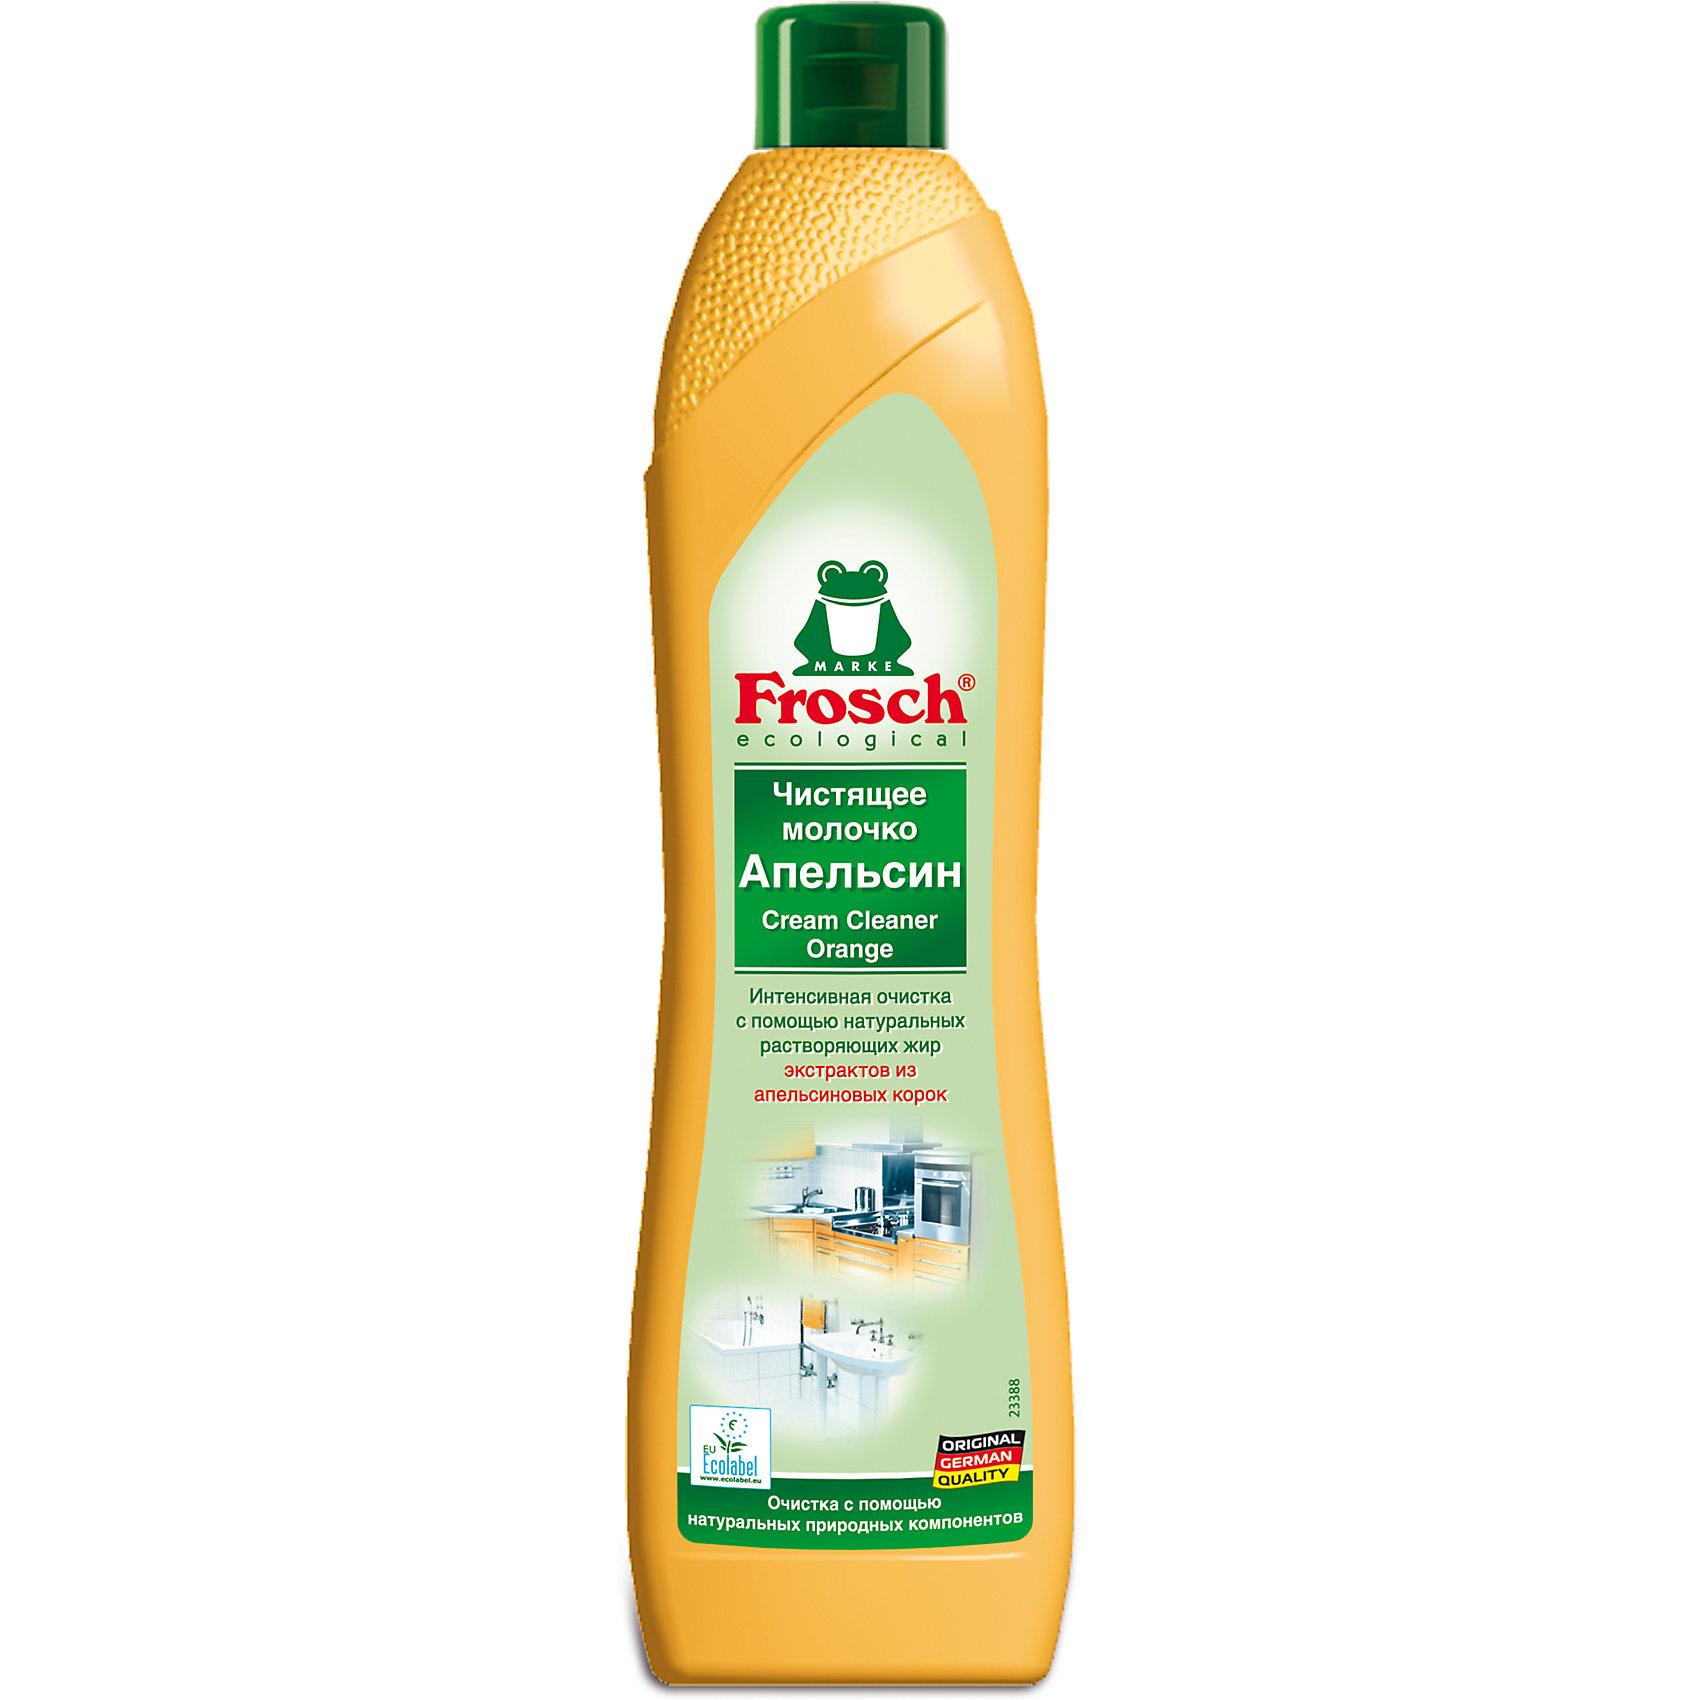 Чистящее молочко апельсин, 0,5 л., FroschБытовая химия<br>Характеристики товара:<br><br>• объем: 500 мл<br>• упаковка: пластик<br>• страна бренда: Германия<br>• страна изготовитель: Германия<br><br>Чистящее молочко – бережная формула сильного чистящего средства. Frosch - мировой лидер по производству чистящих средств, основанный в Германии. Отличительная особенность жидкостей – их безопасность и экологичность. <br><br>Универсальное средство помогает хозяйкам поддерживать чистоту в доме без особых усилий и затрат. Химическая формула растворяет сложные загрязнения и придает цитрусовый аромат. Материалы, использованные при изготовлении товара, сертифицированы и отвечают всем международным требованиям по качеству. <br><br>Чистящее молочко апельсин, 0,5 л, от немецкого производителя Frosch (Фрош) можно приобрести в нашем интернет-магазине.<br><br>Ширина мм: 68<br>Глубина мм: 45<br>Высота мм: 262<br>Вес г: 710<br>Возраст от месяцев: 216<br>Возраст до месяцев: 1188<br>Пол: Унисекс<br>Возраст: Детский<br>SKU: 5185727